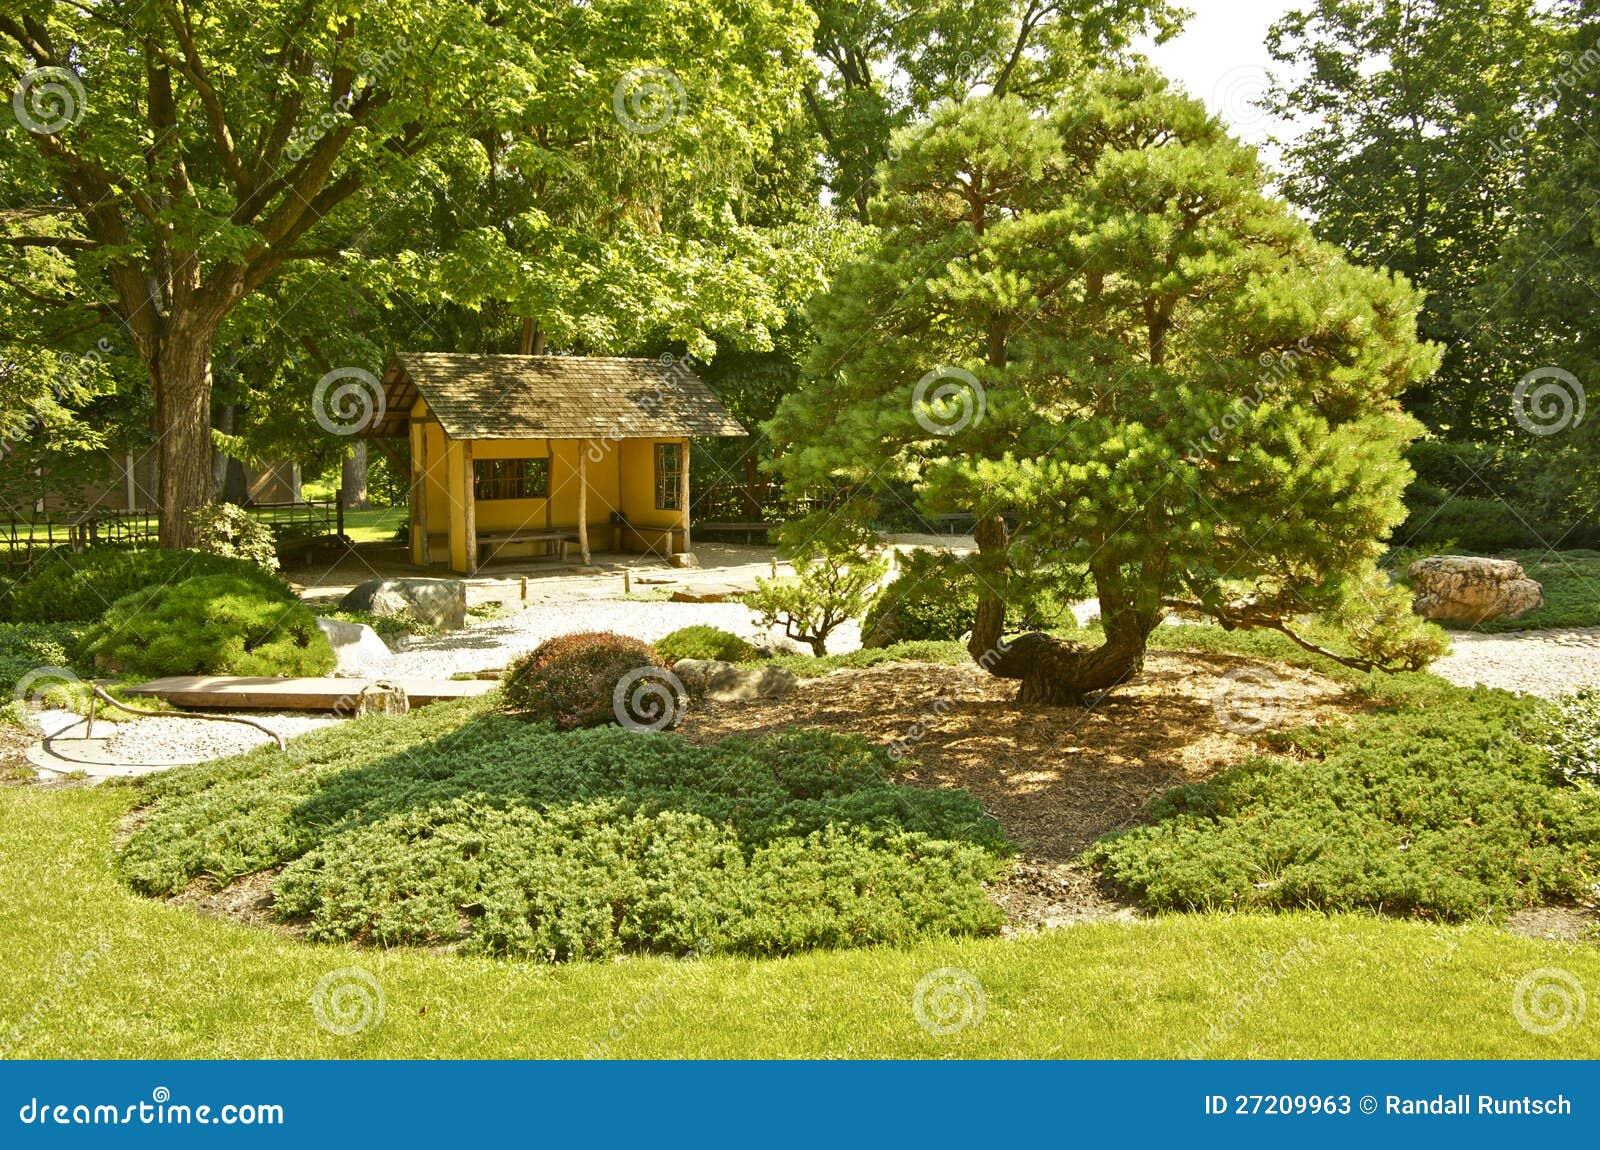 Japanese Garden at Carleton College